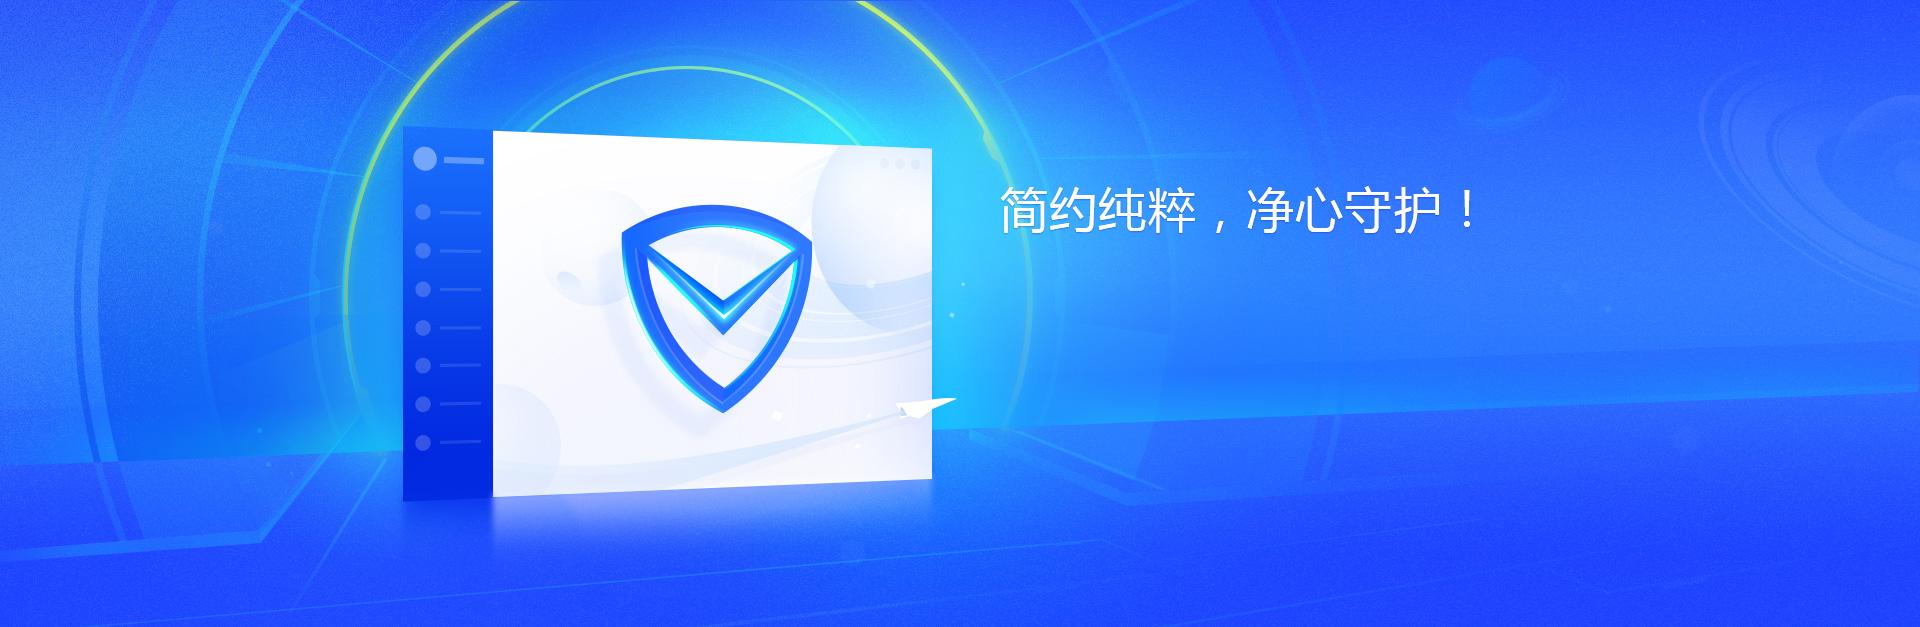 电脑管家官方下载_腾讯qq电脑管家官方下载2018最新版免费安装